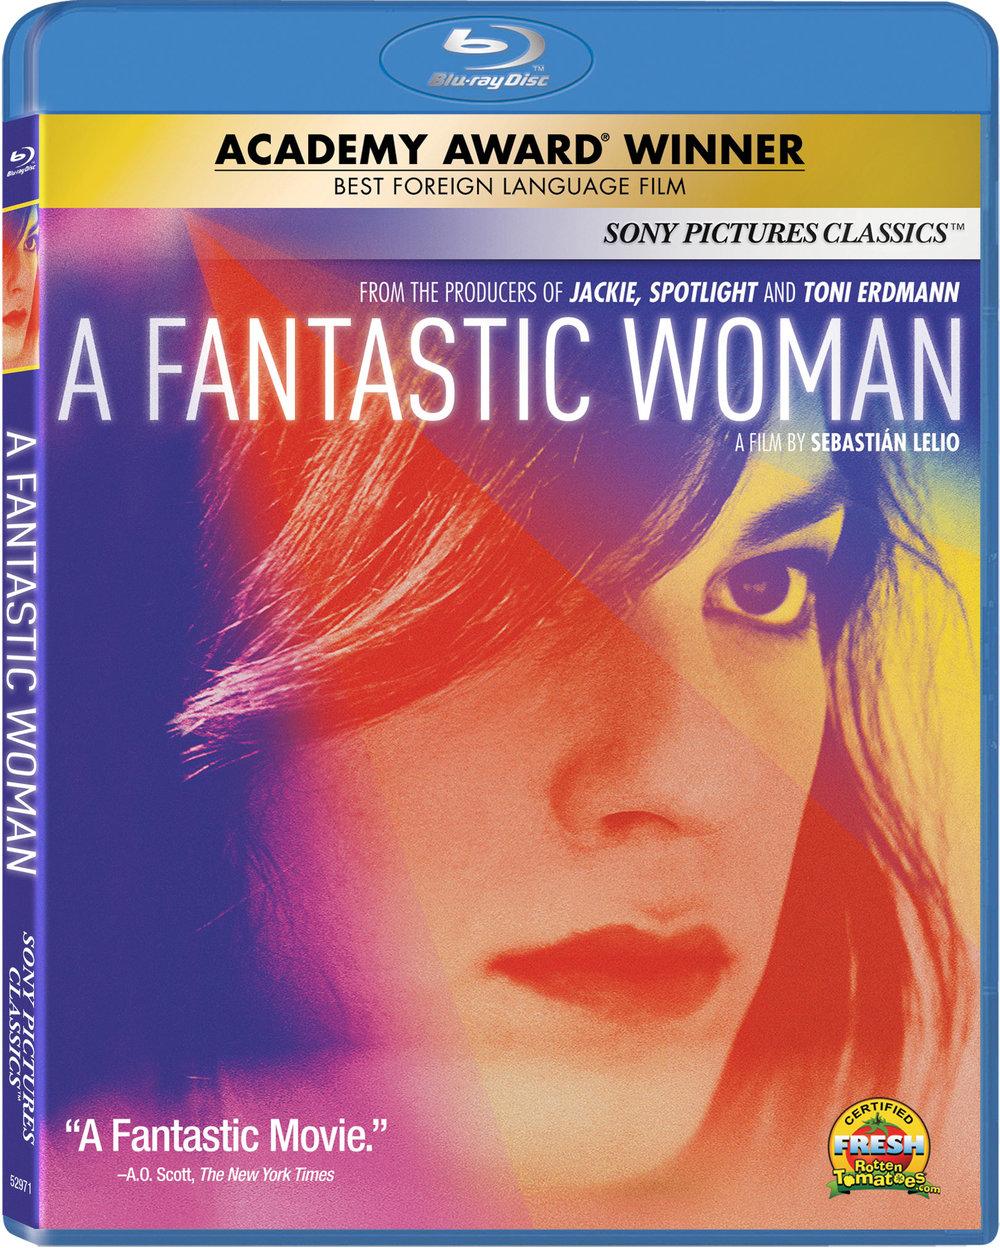 A Fantastic Woman - Daniela Vega, la primera presentadora transgénero de la historia de los Oscars®, protagoniza A FANTASTIC WOMAN (UNA MUJER FANTÁSTICA), ganadora del Oscar® a la Mejor Película de habla no inglesa y la primera película chilena en alzarse con una estatuilla. El largometraje debuta en Blu-ray™ y digital el 22 de mayo de la mano de Sony Pictures Home Entertainment. De los productores de Jackie,Spotlight y Toni Erdmann, este aclamado drama gira en torno a la actriz Daniela Vega, en su primer papel protagónico, que da vida a una joven mujer transgénero que aspira a ser cantante y que debe enfrentarse a la sociedad y a la familia de su novio, un señor más mayor, cuando este muere inesperadamente. Dirigida por Sebastián Lelio (Disobedience, y ahora rodando el remake de Gloria con Julianne Moore), el reparto de A FANTASTIC WOMANtambién incluye a Francisco Reyes (Neruda) y a Luis Gnecco (Neruda, No).